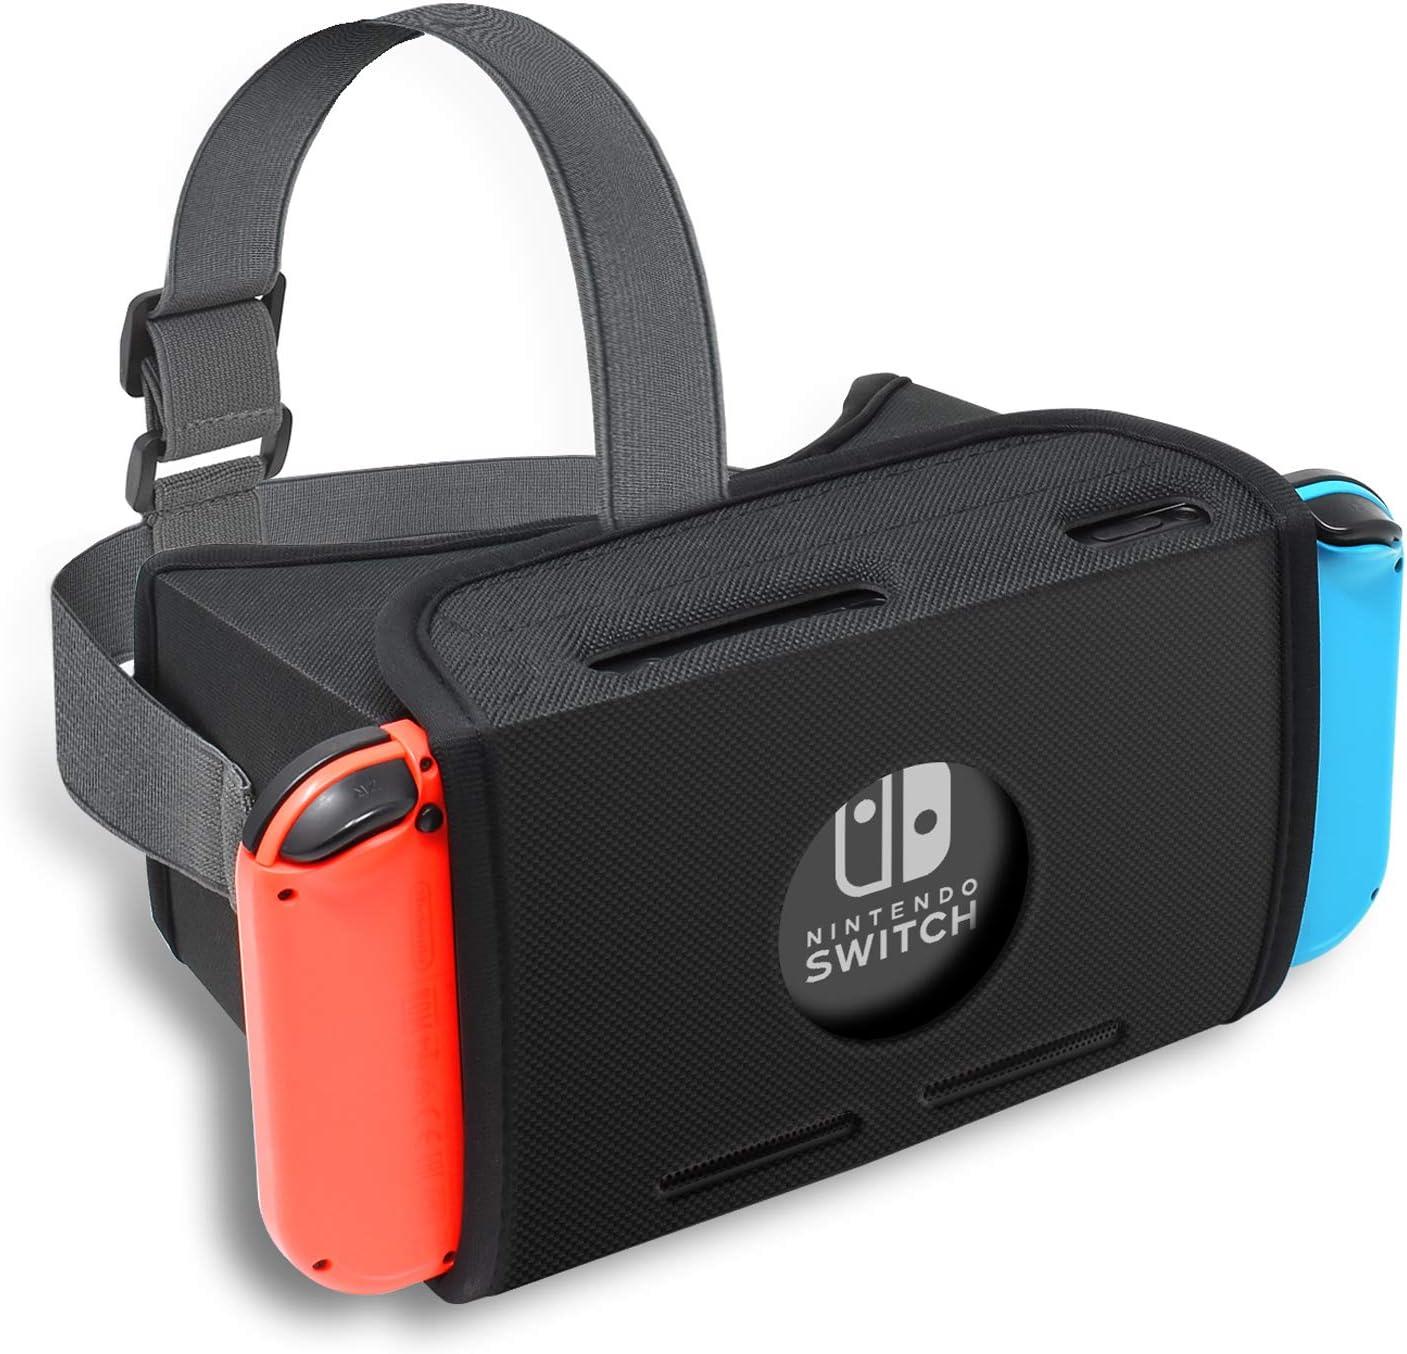 FYOUNG - Auriculares de Diadema para Nintendo Switch, Realidad Virtual HD para Super Smash Bros, Zelda y Super Mario Odyssey y Youtube: Amazon.es: Electrónica